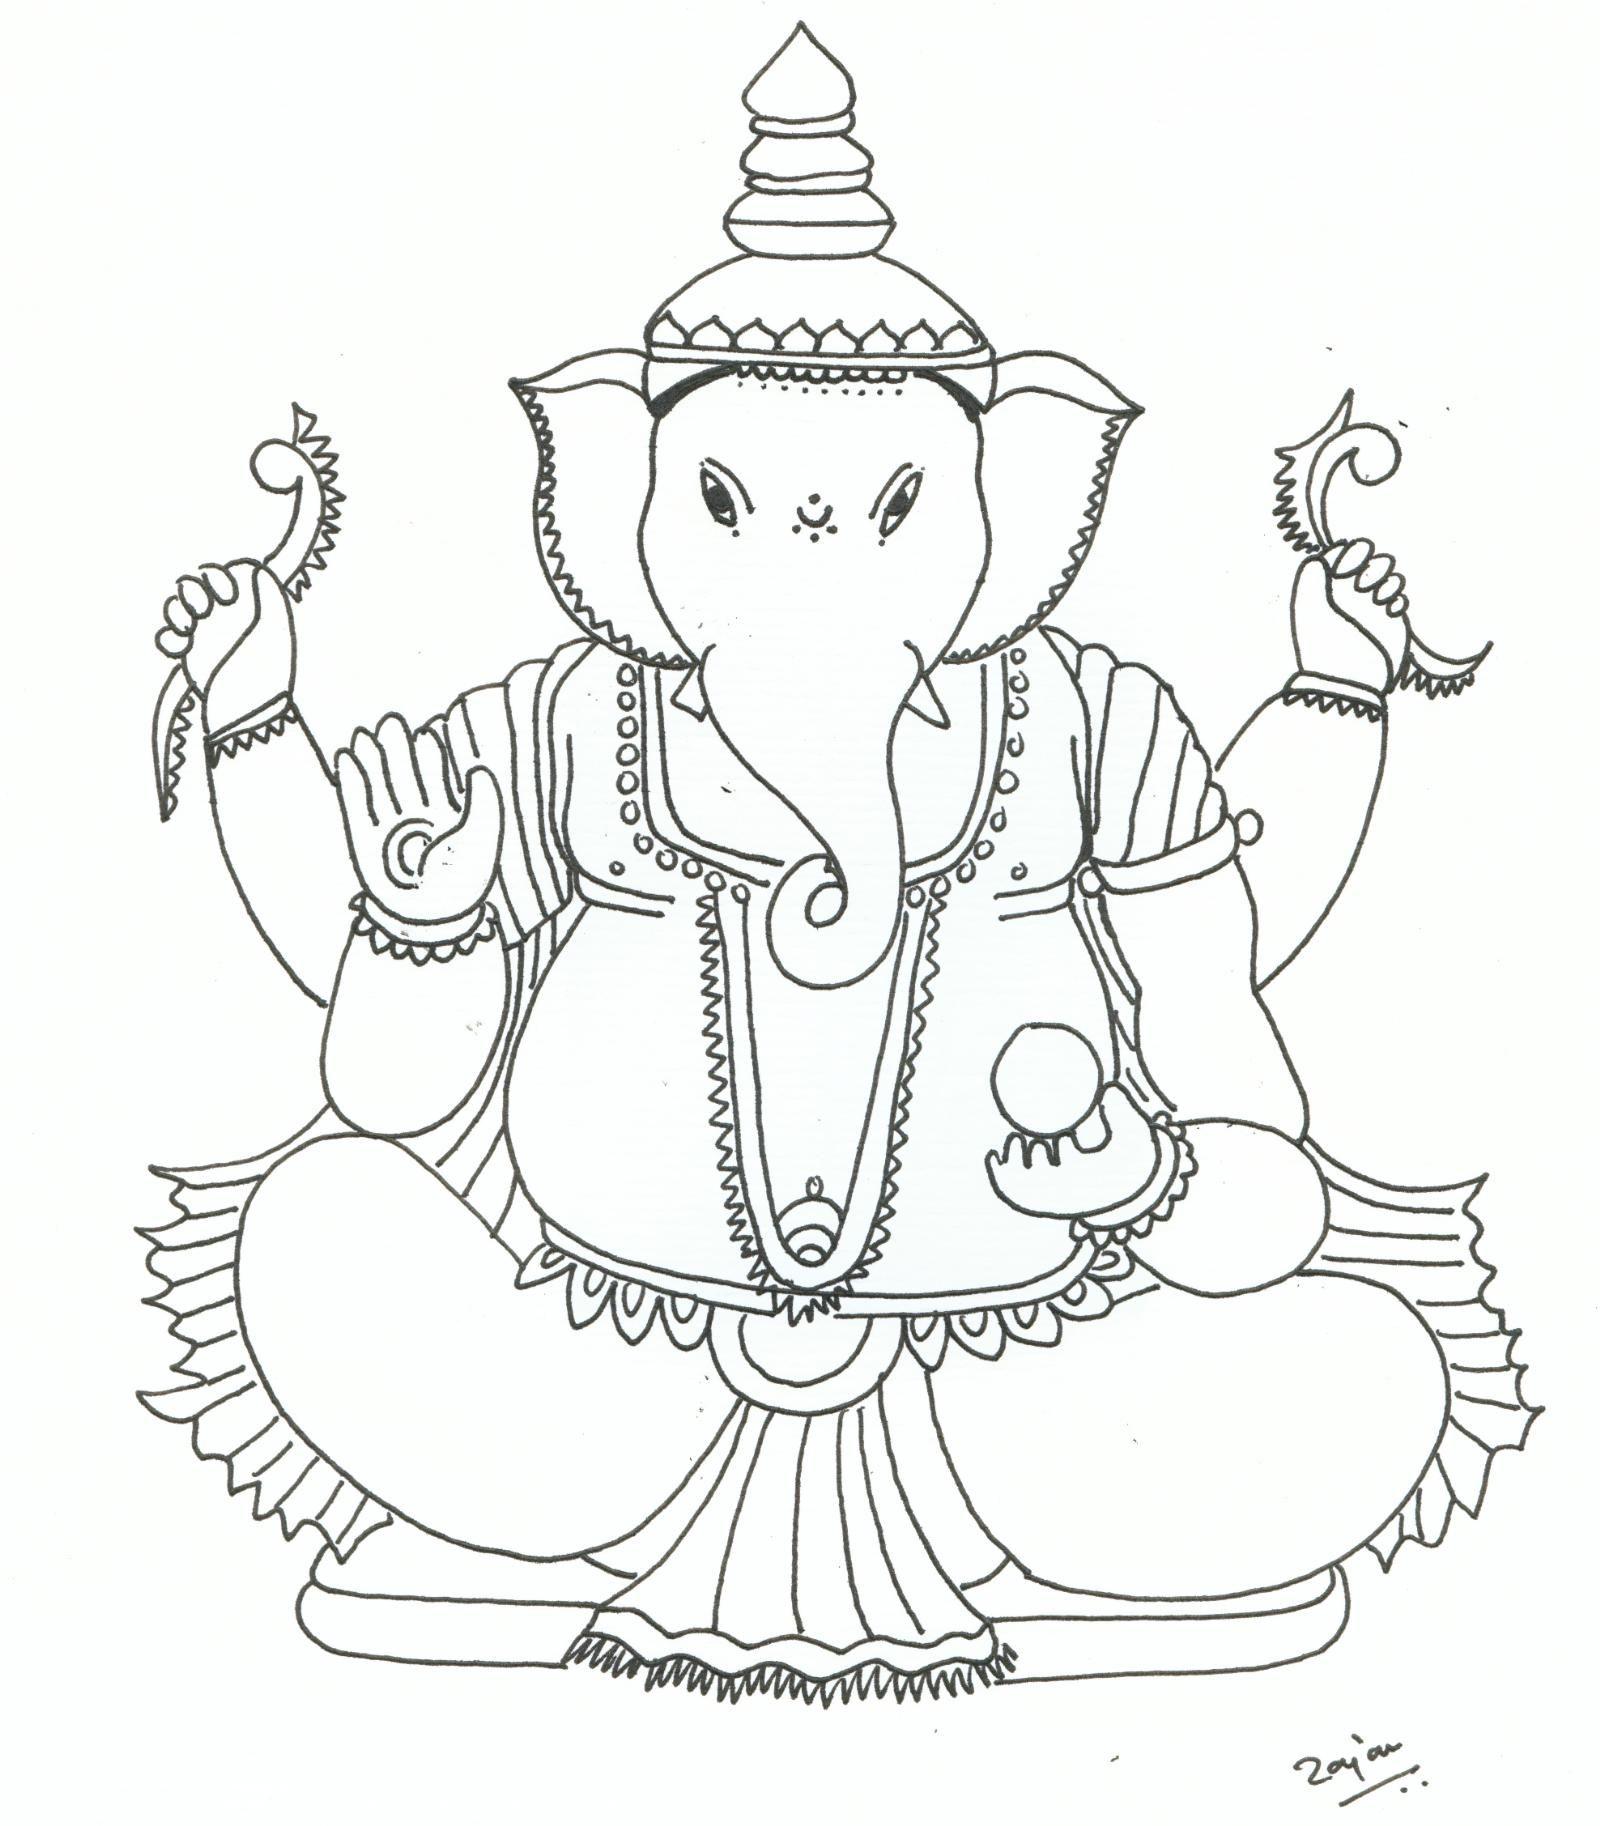 Afbeeldingsresultaat voor ganesha   applicaties   Pinterest